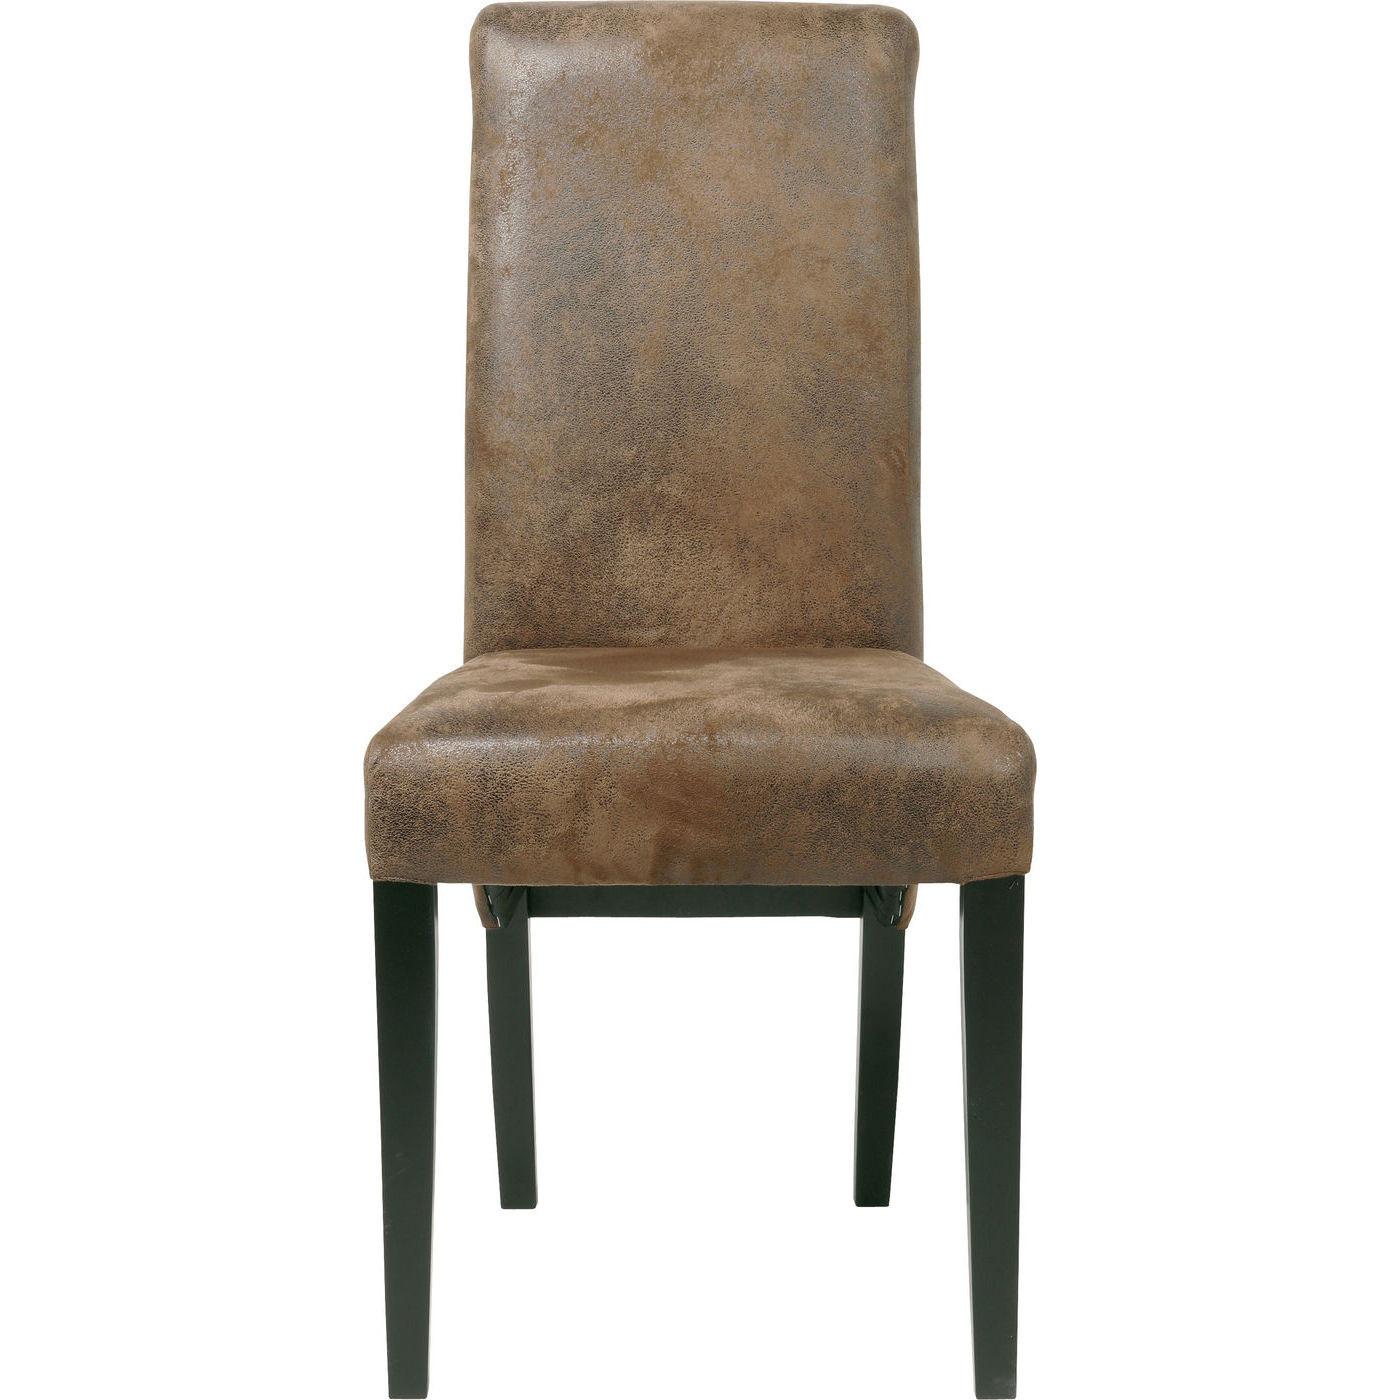 stuhl chiara vintage kare design mutoni m bel. Black Bedroom Furniture Sets. Home Design Ideas